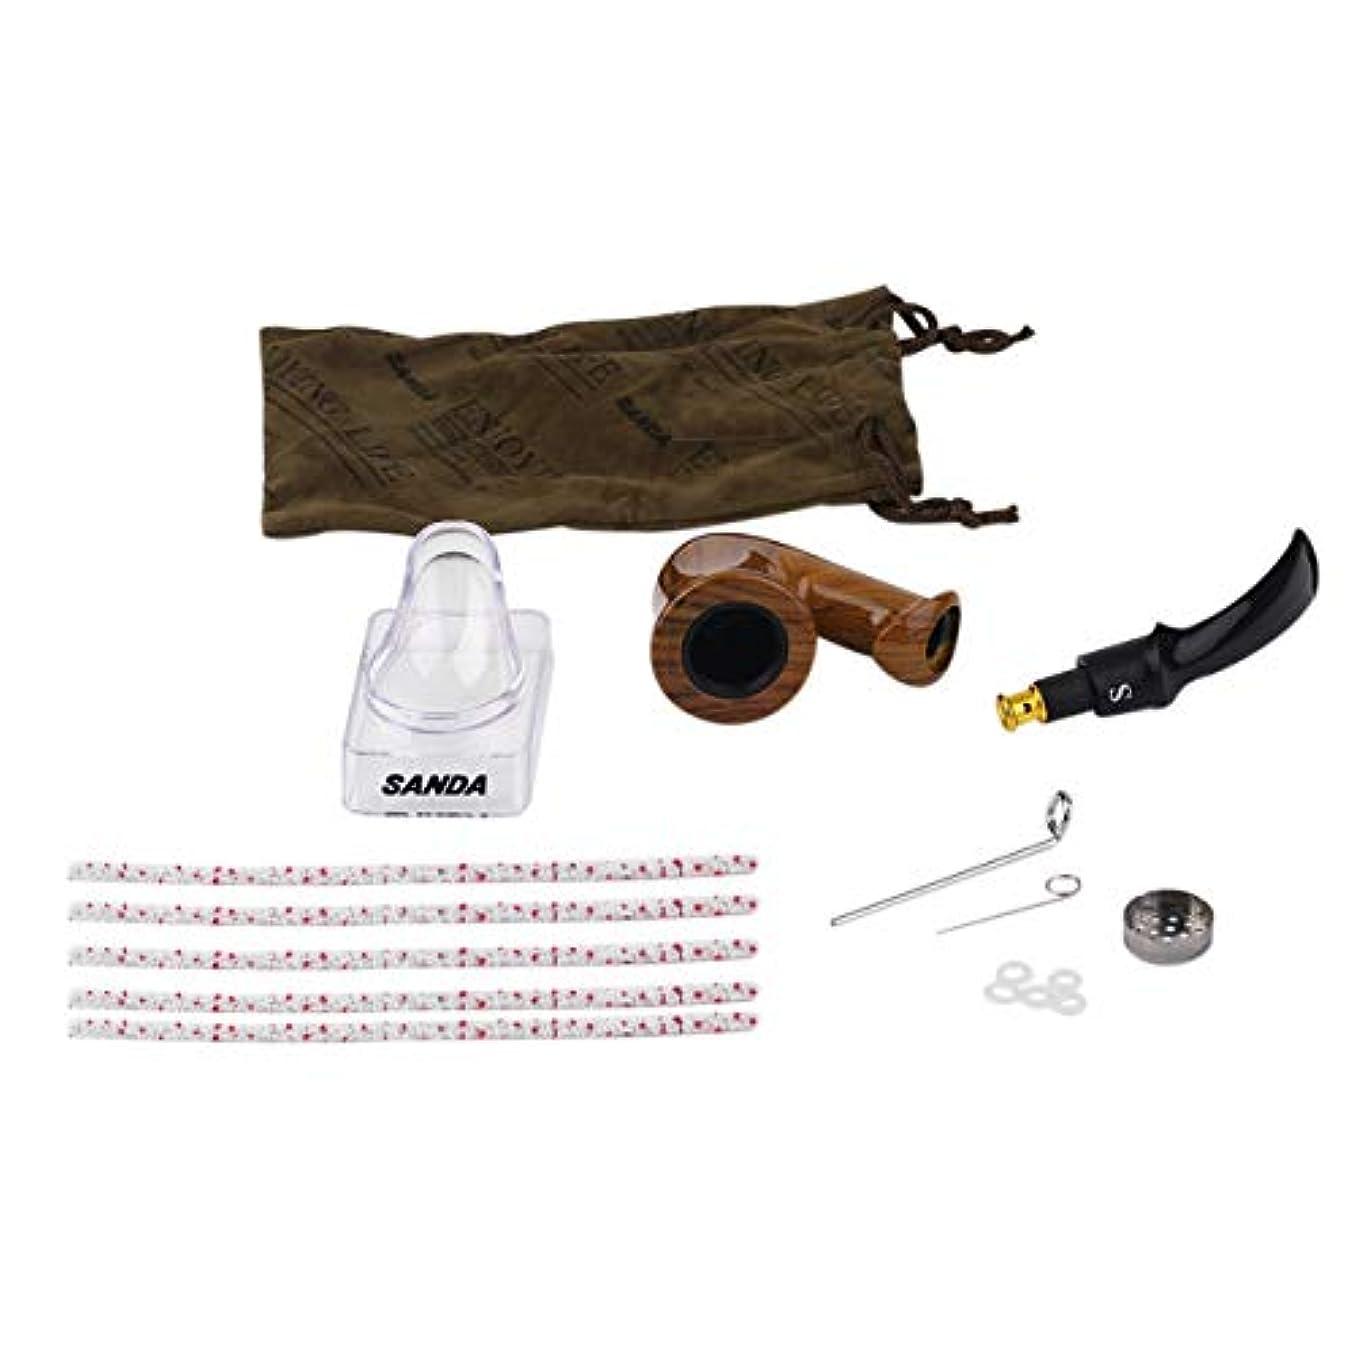 通信網真向こう脱走Saikogoods 耐久性のある喫煙パイプ木製パイプ煙喫煙木製の喫煙パイプの雑草パイプ男性のための最高の贈り物2色 褐色